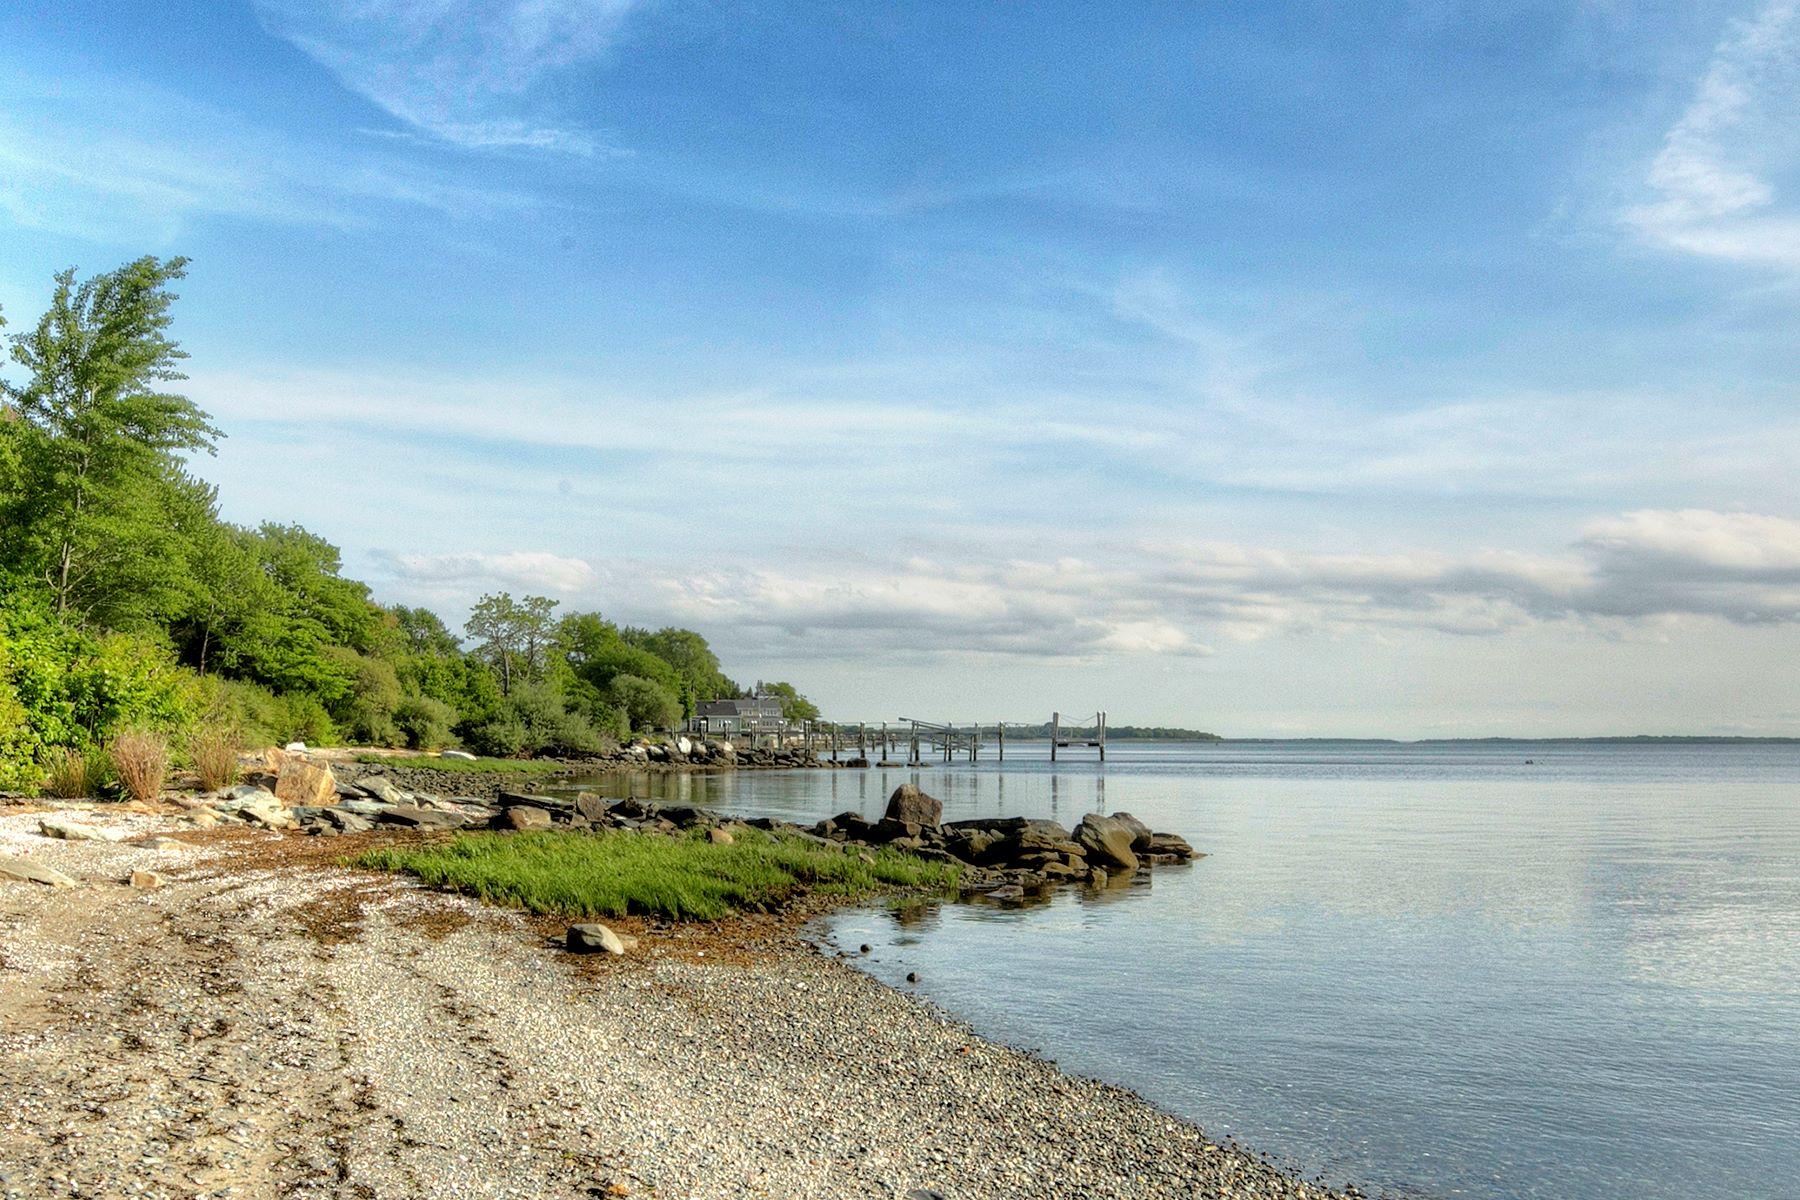 Οικόπεδο για την Πώληση στο West-Facing Waterfront Land 0 Surf Drive, Bristol, Ροουντ Αϊλαντ 02809 Ηνωμένες Πολιτείες